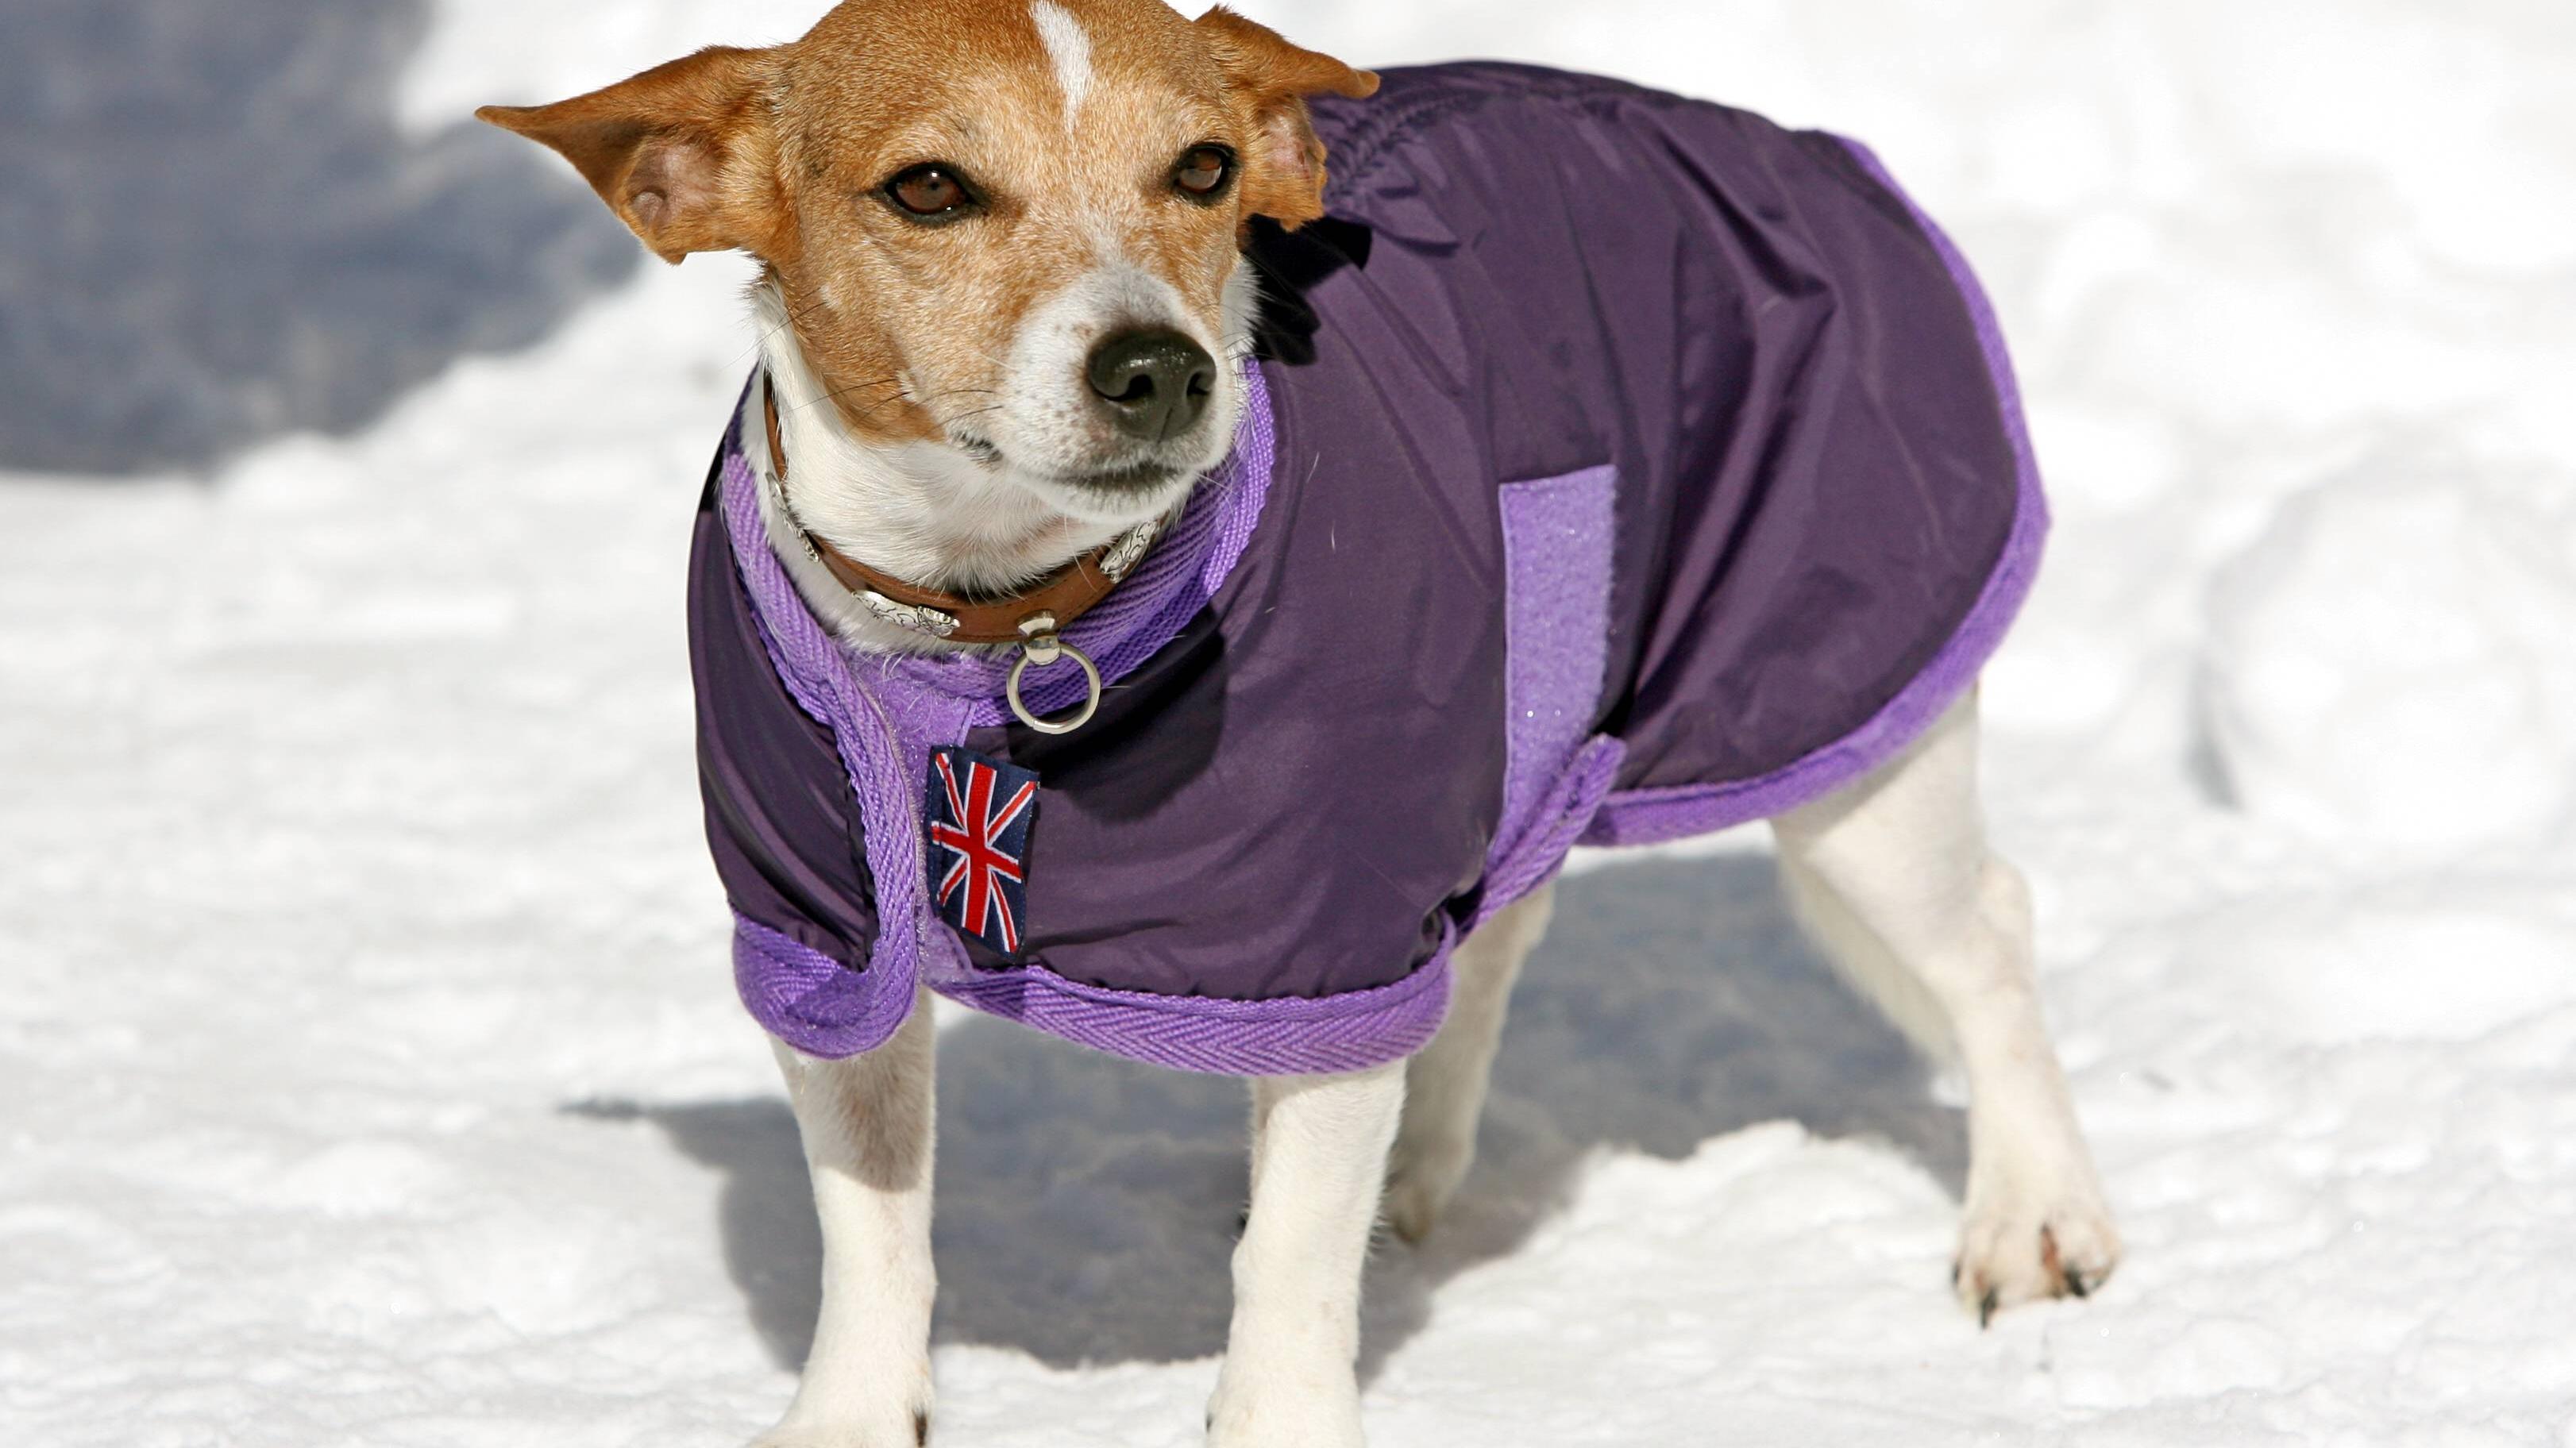 Hund friert: So schützen Sie richtig vor Kälte